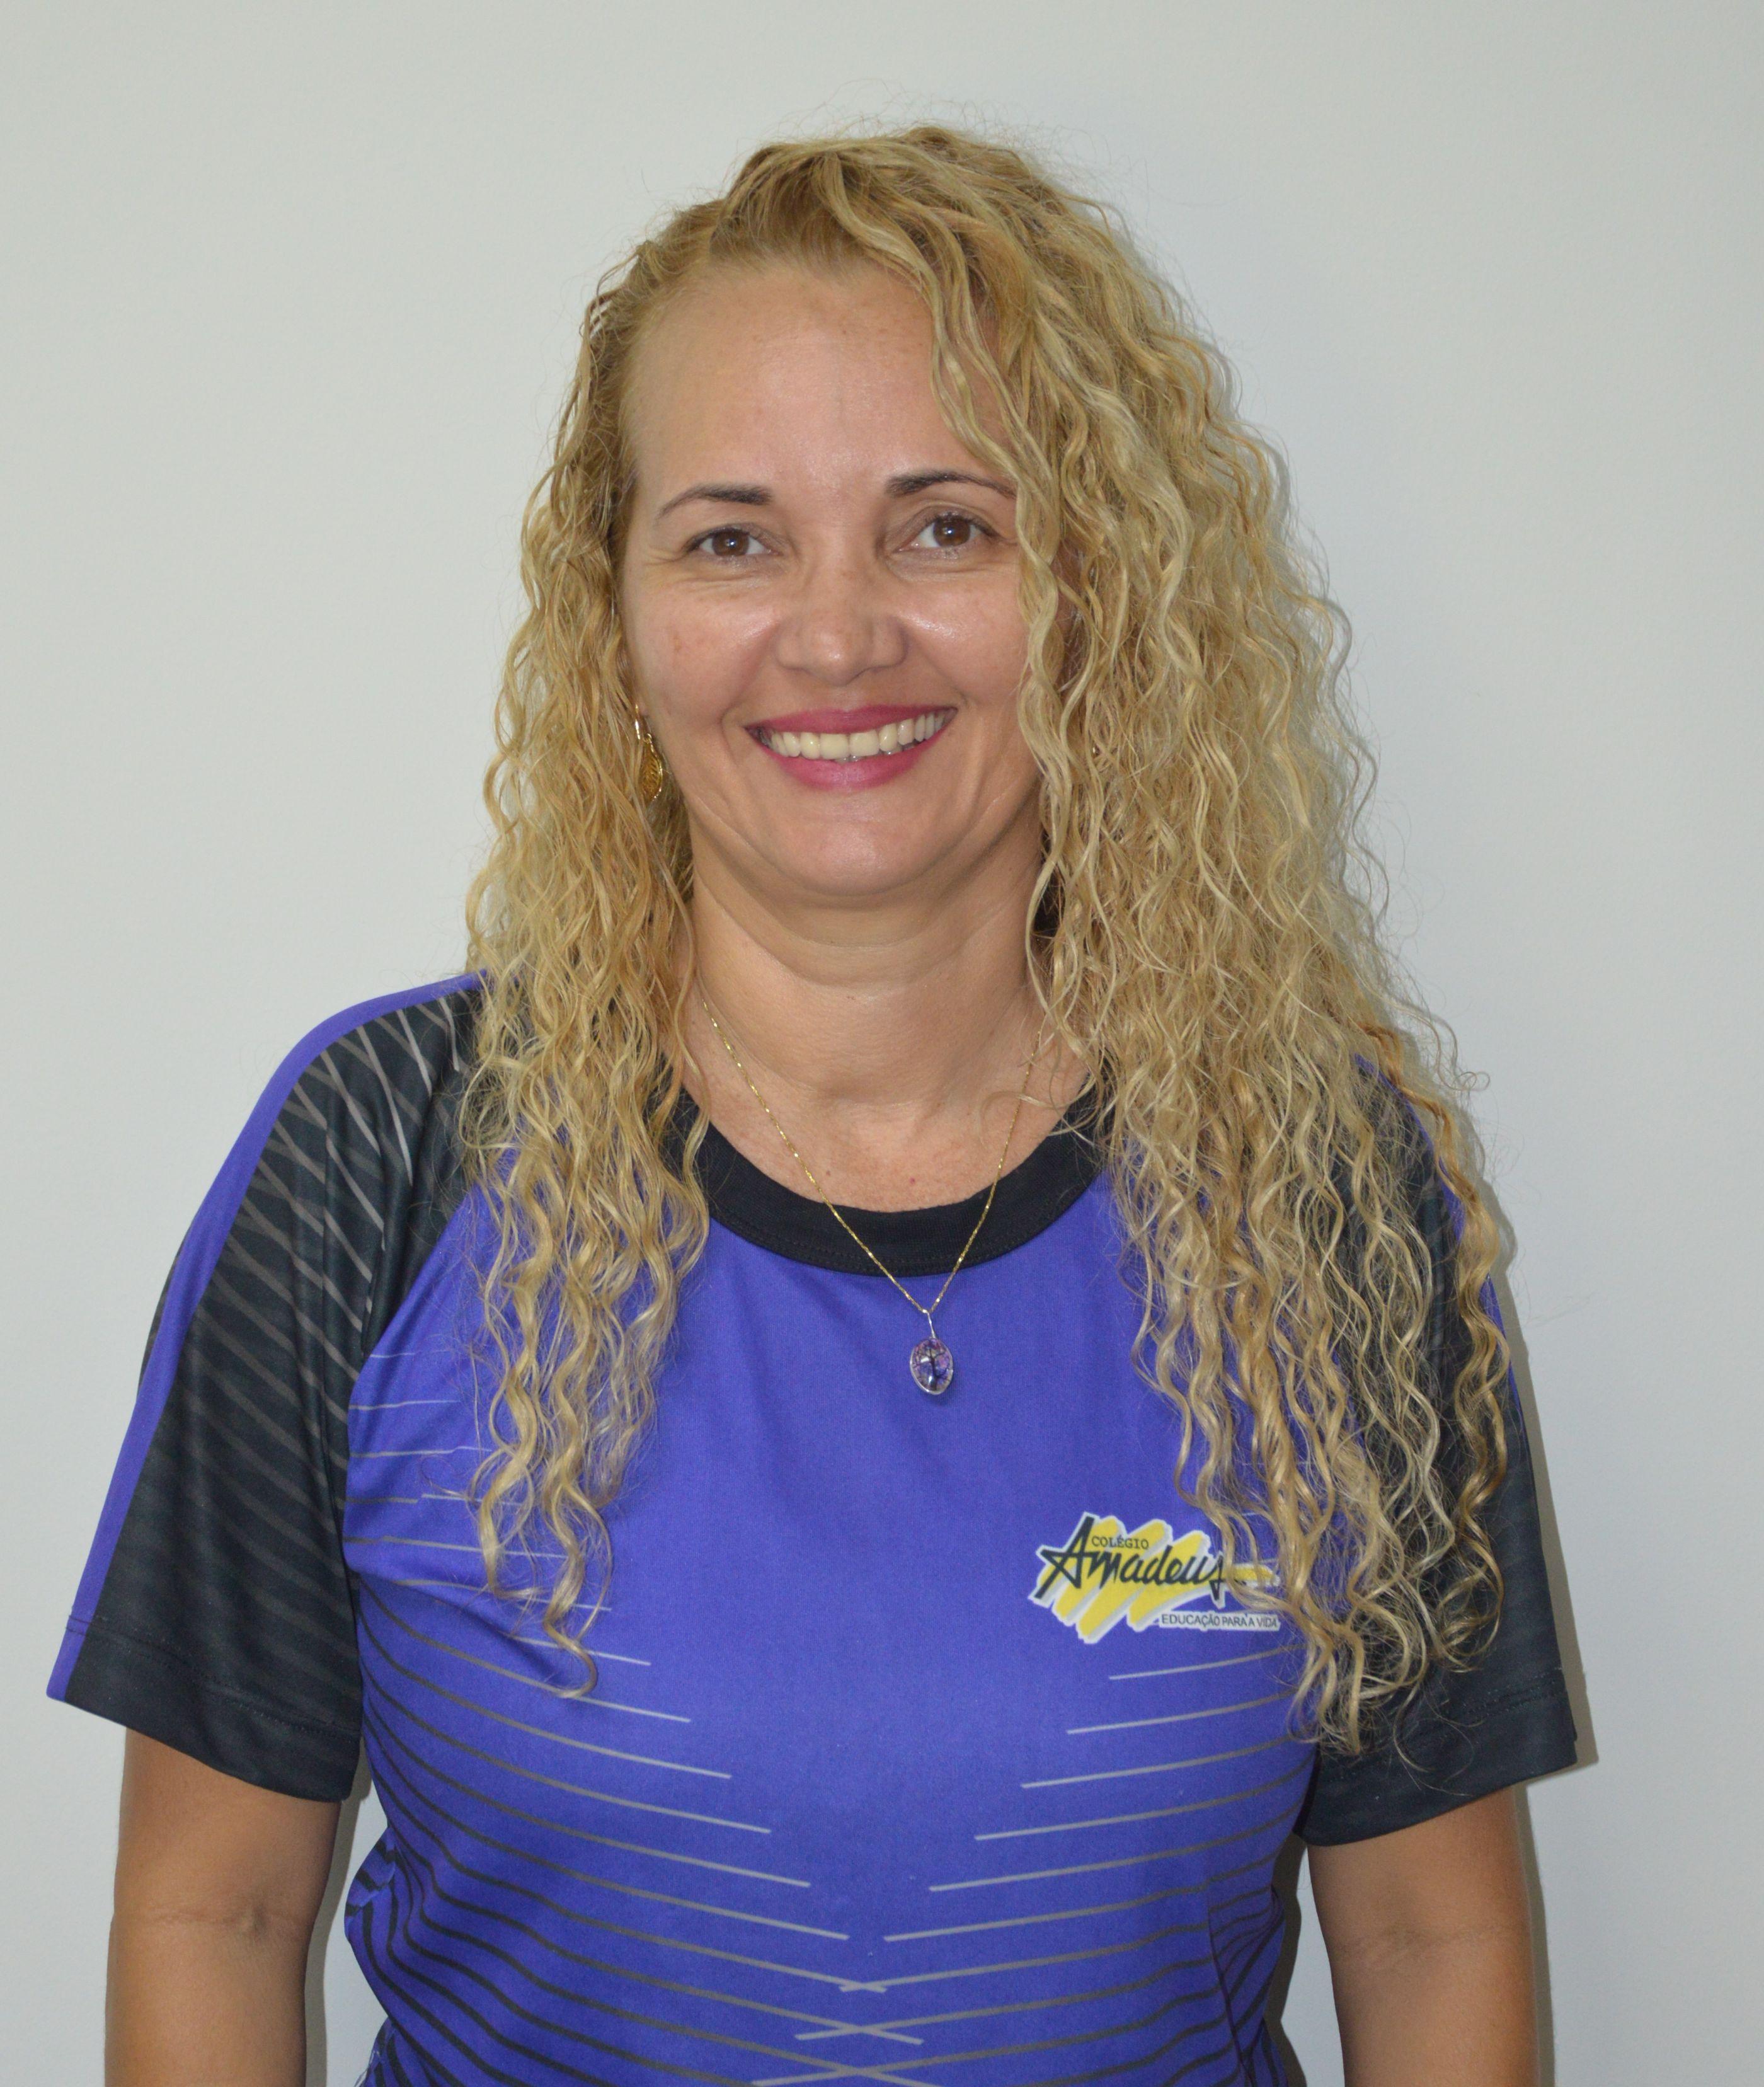 Cícera Meire Barros da Silva